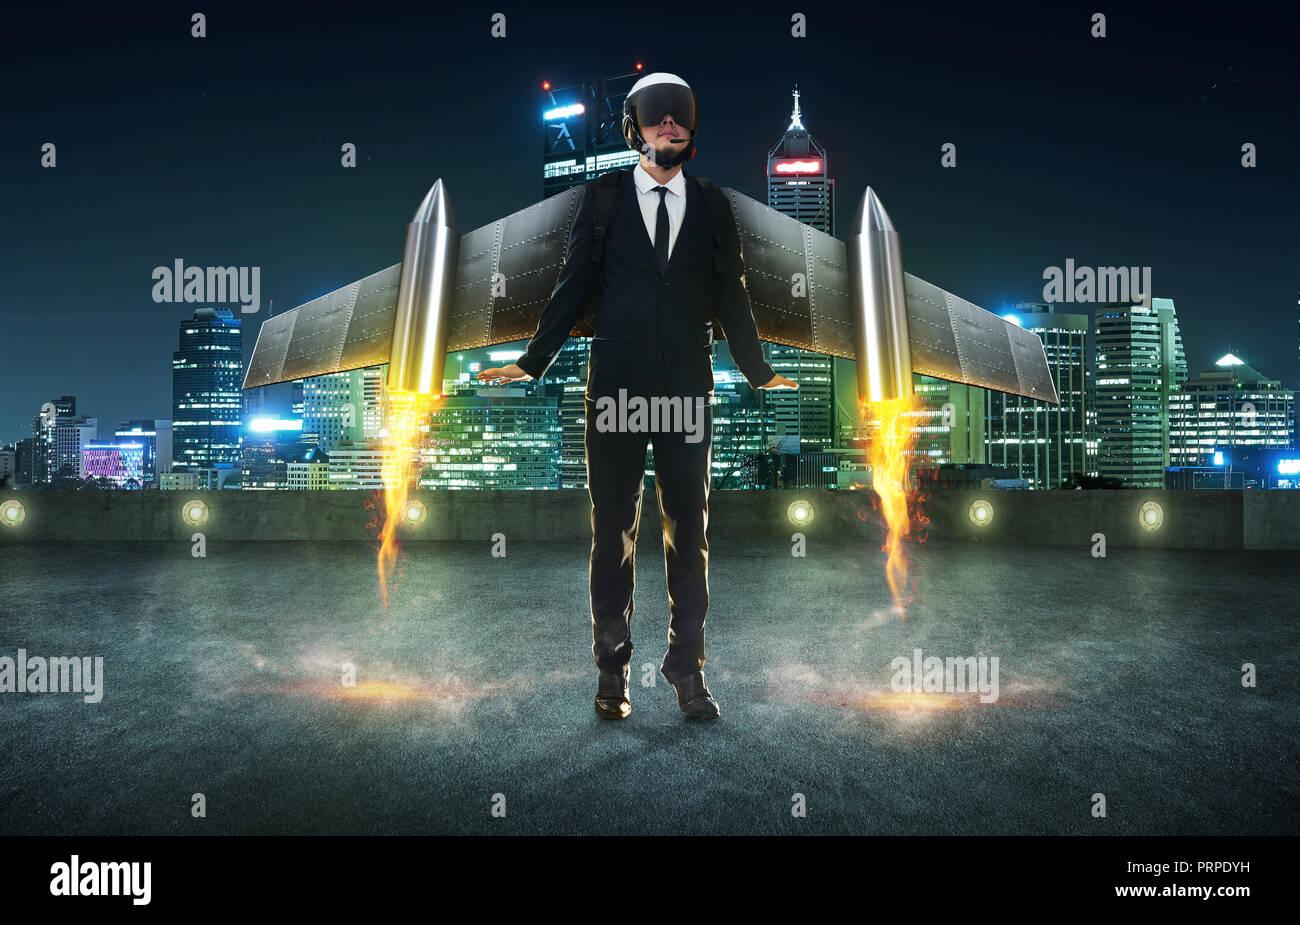 Imprenditore indossare una tuta a razzo per sollevare , Business start up il concetto di successo . Città moderna di sfondo . Immagini Stock